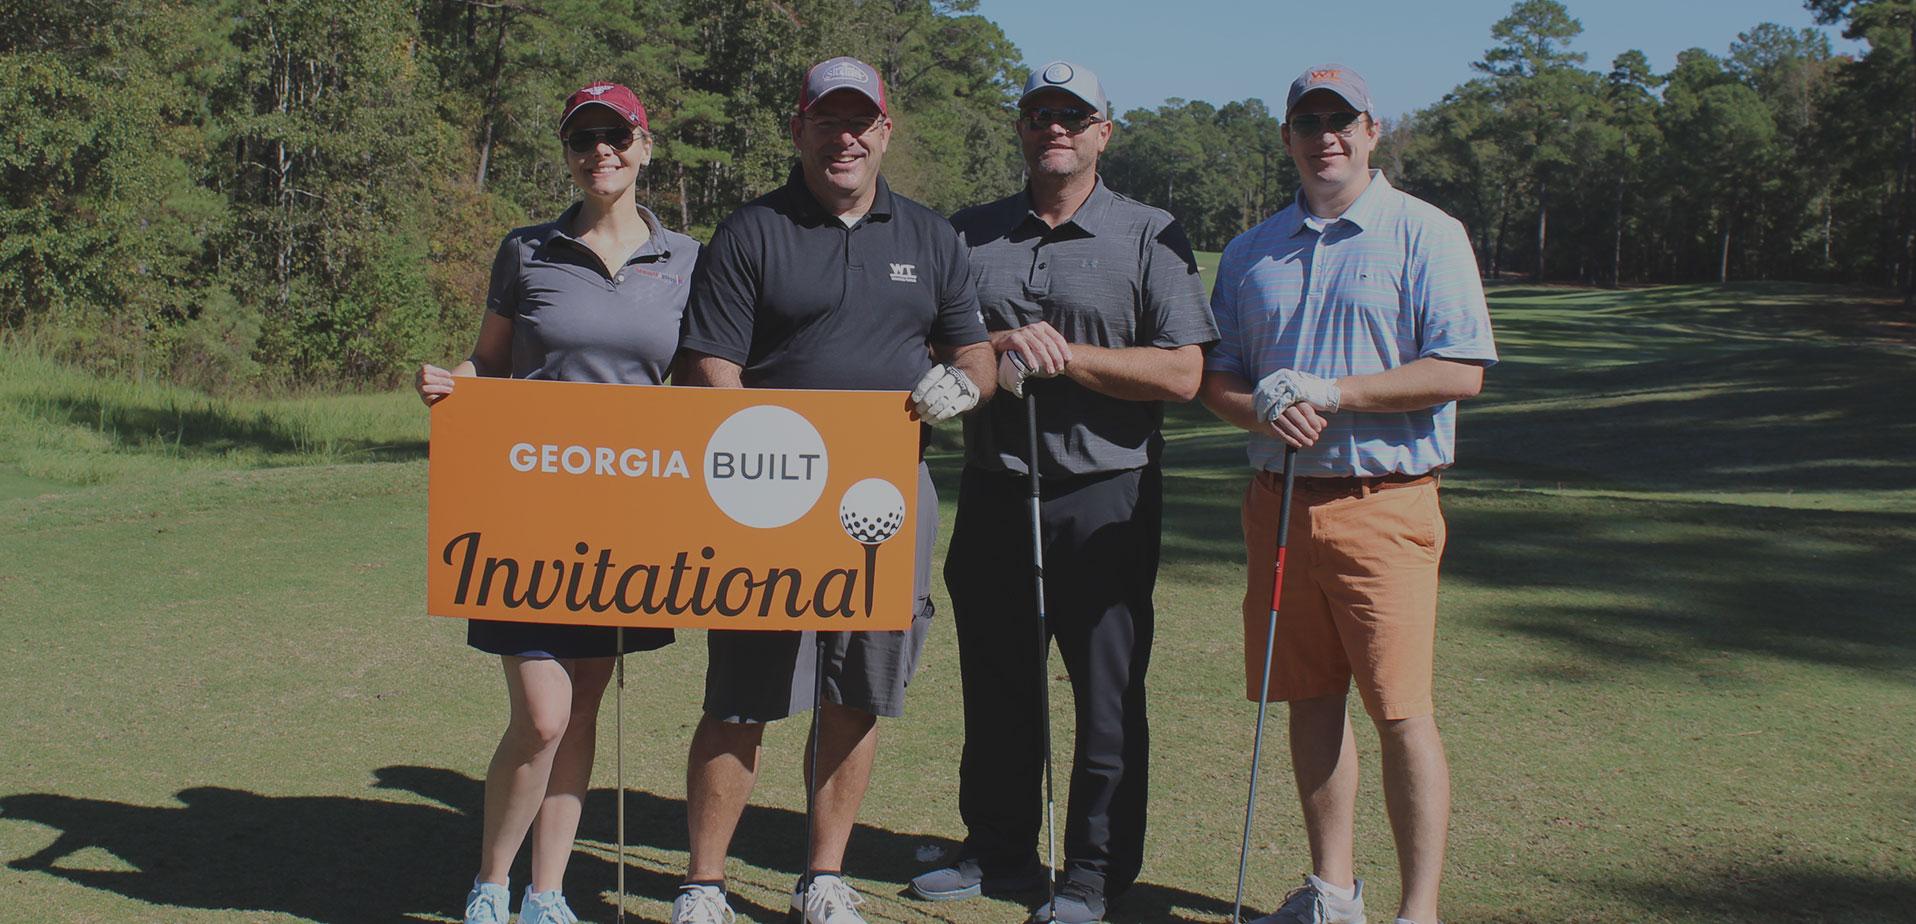 Members of Georgia BUILT in the 2019 Invitational